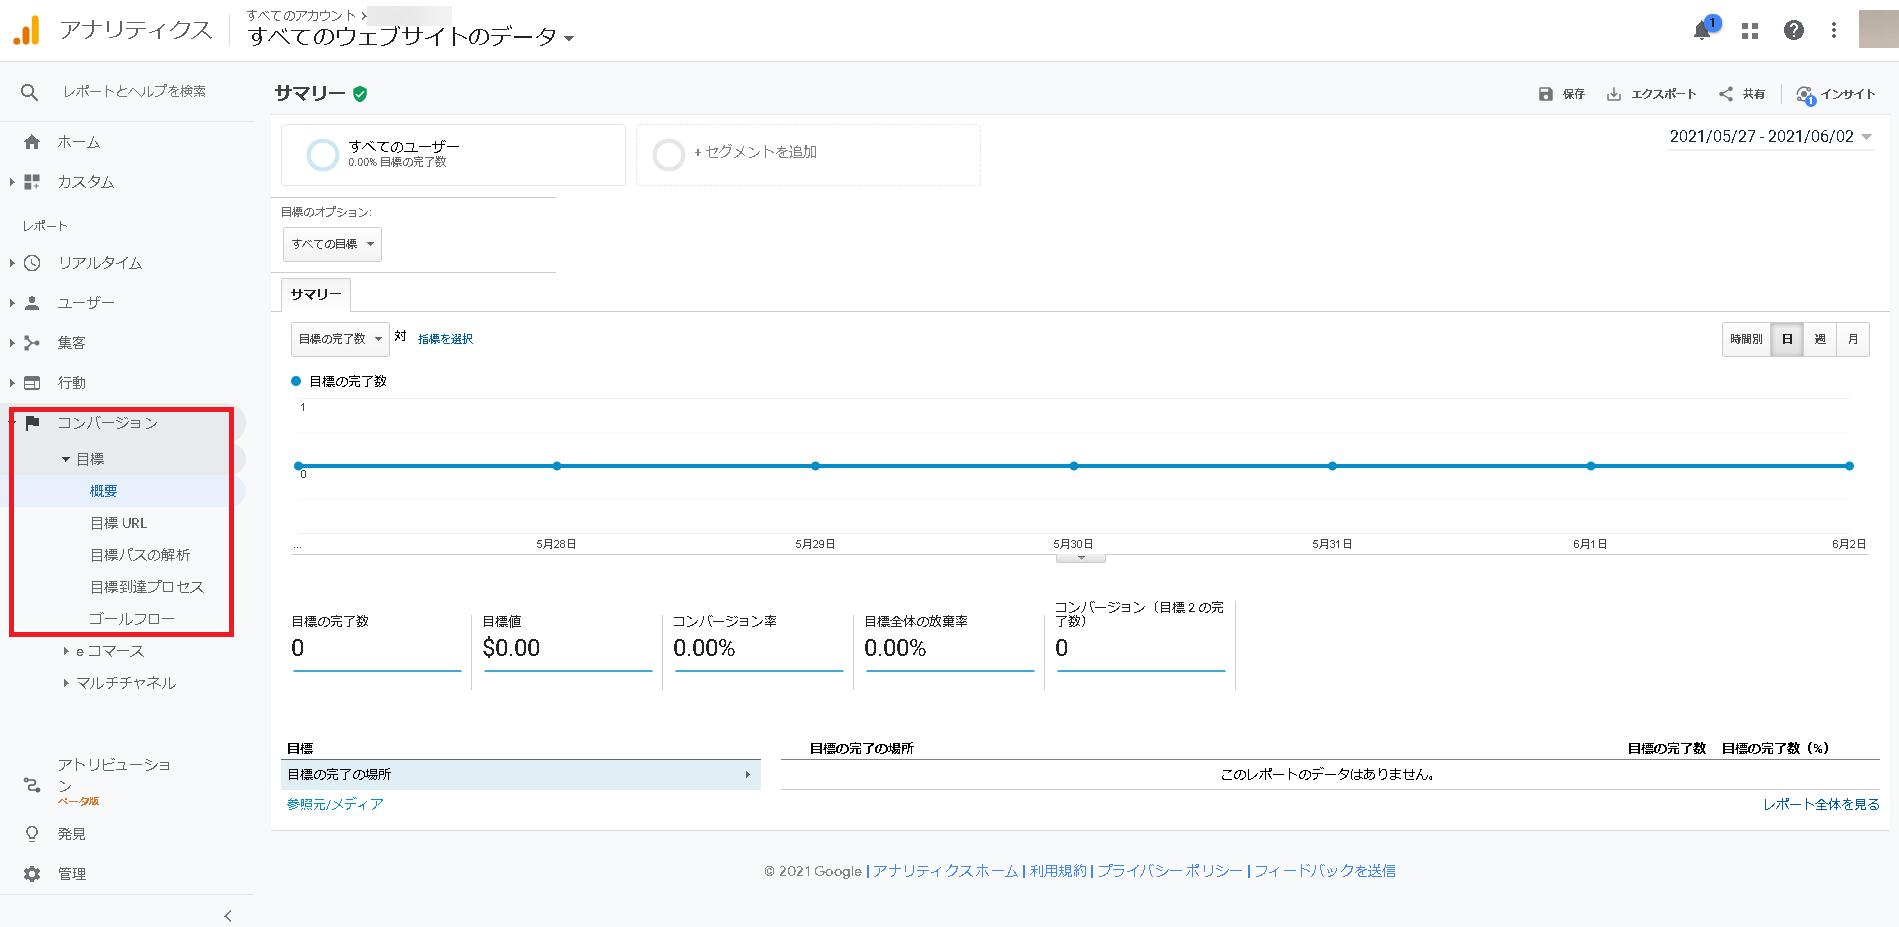 GoogleアナリティクスのCV測定結果の確認方法2